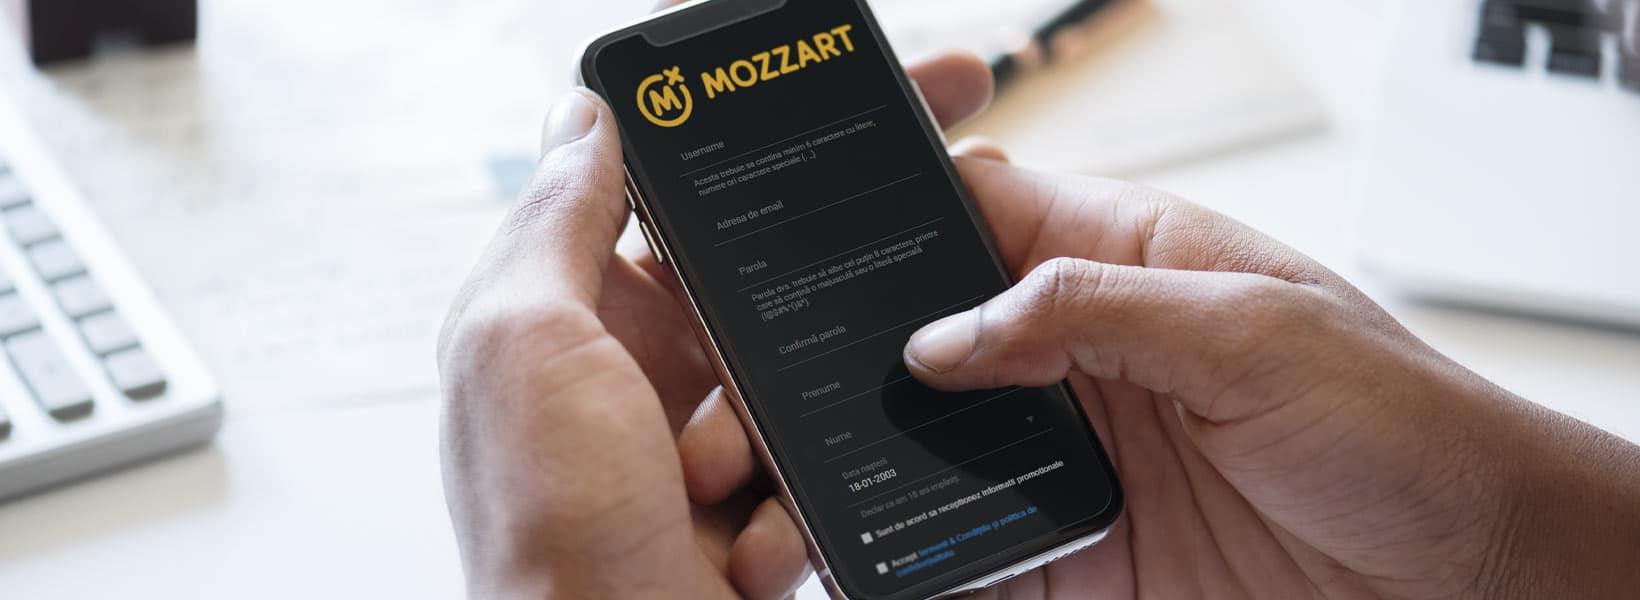 verificare cont mozzartbet